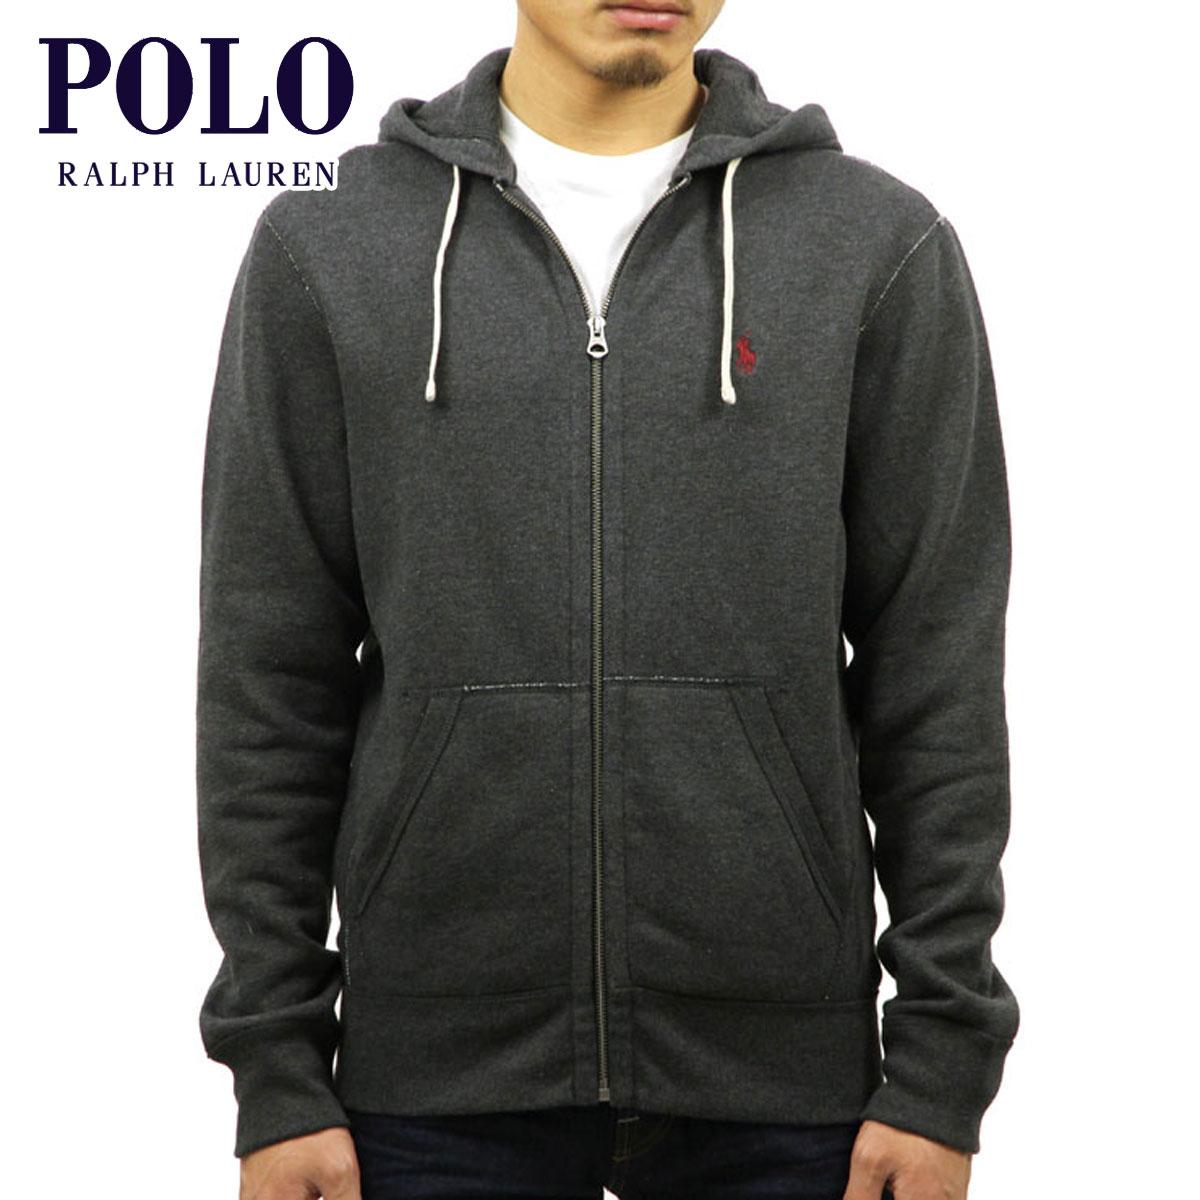 ポロ ラルフローレン POLO RALPH LAUREN 正規品 メンズ ジップアップパーカー Classic Fleece Hoodie D20S30